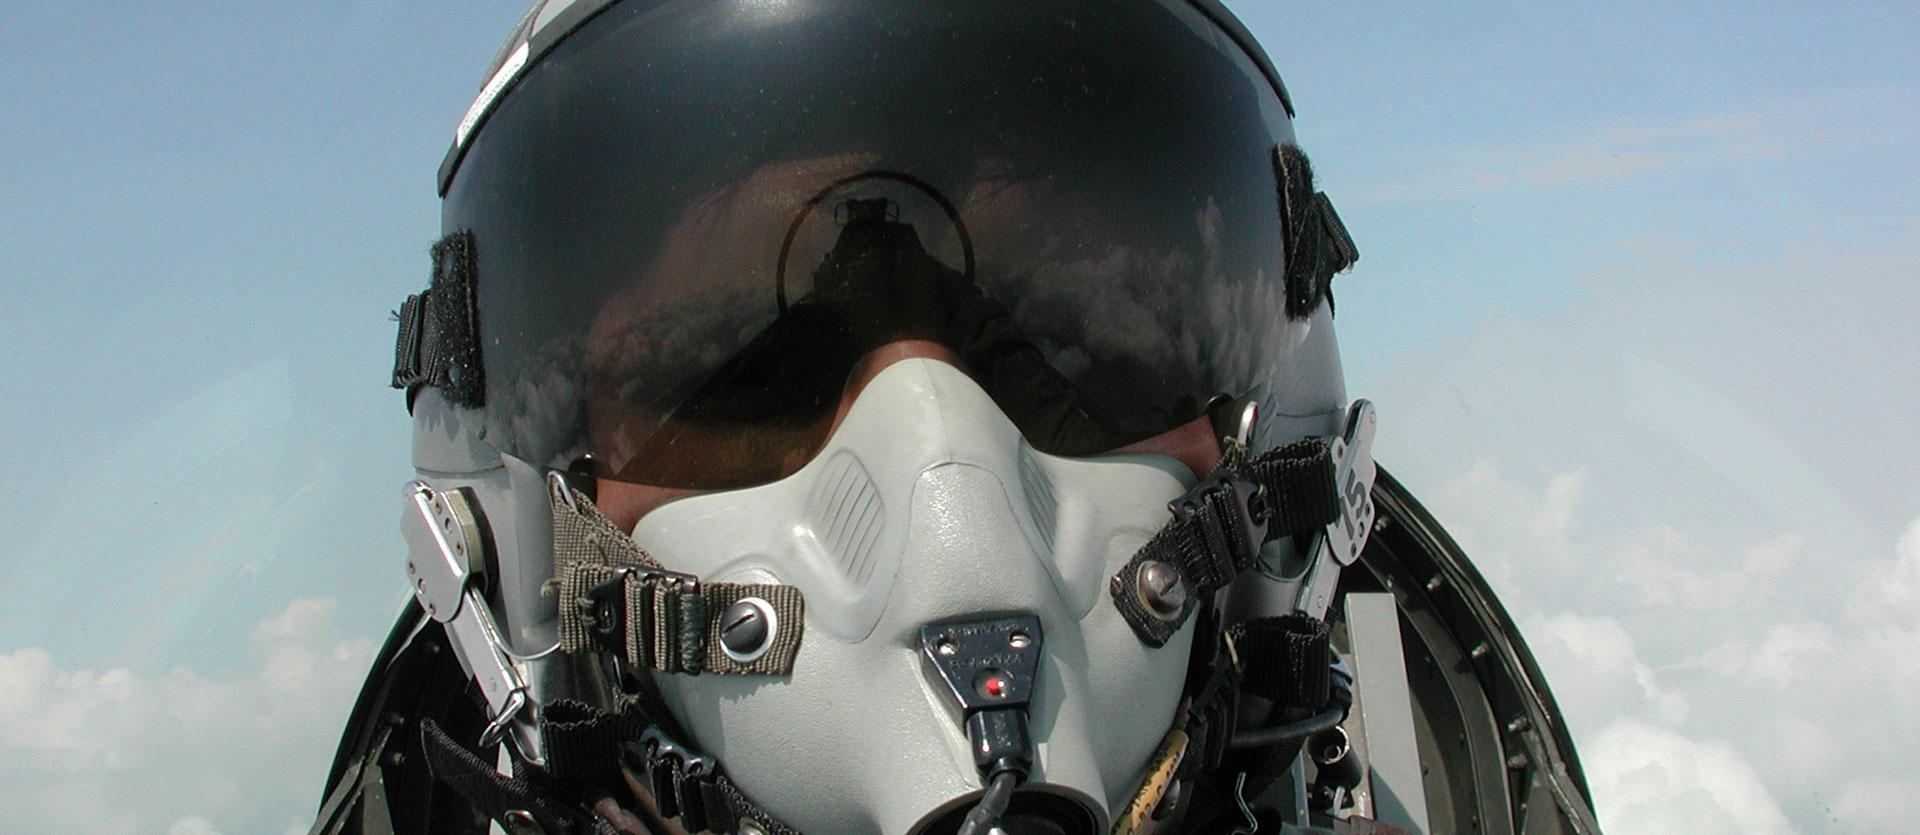 Pilotenhelme, Arbeitssicherheitshelme